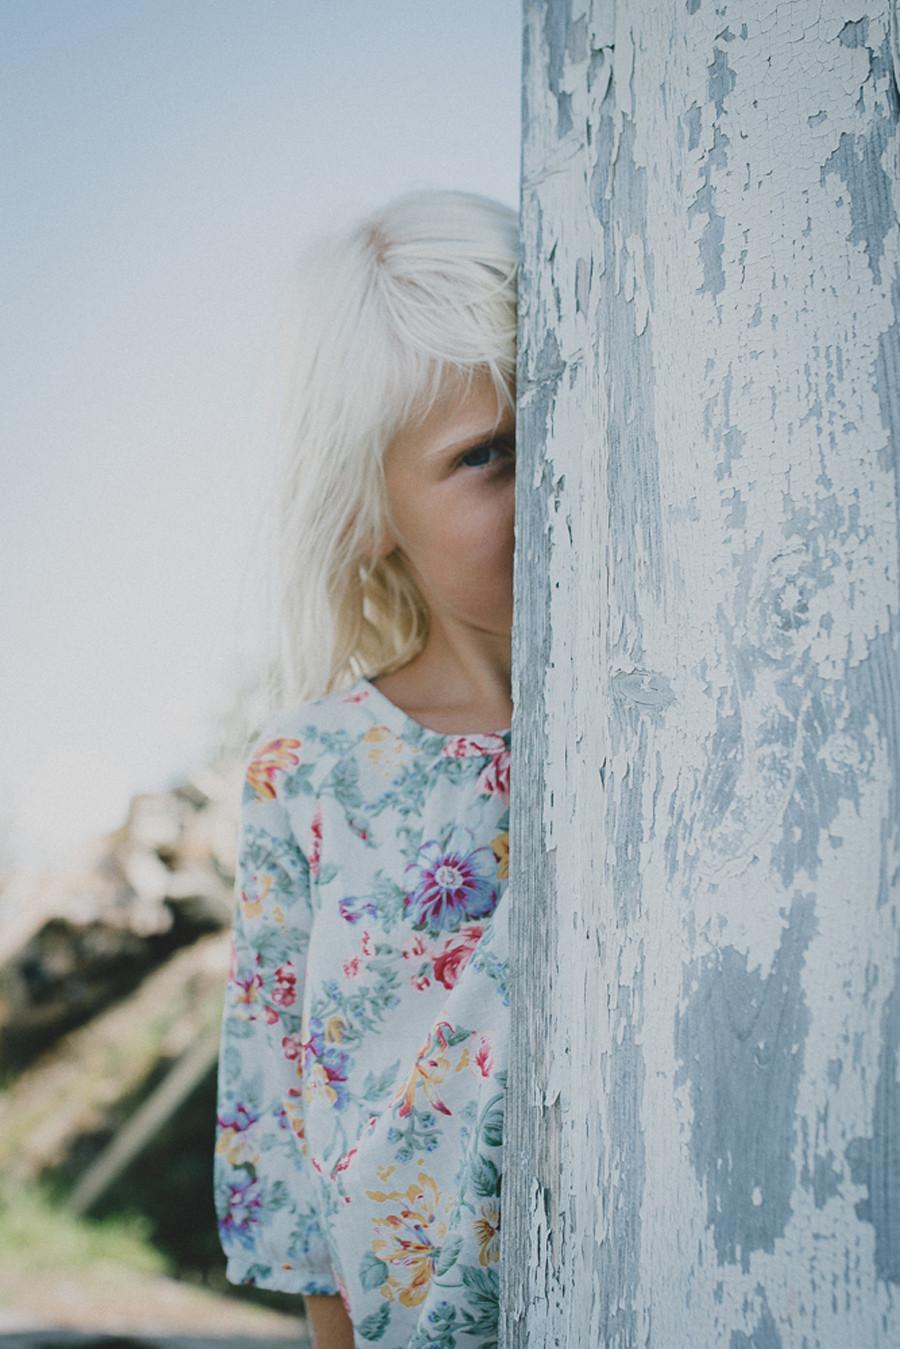 Asperö familjefotografering och barnfotografering